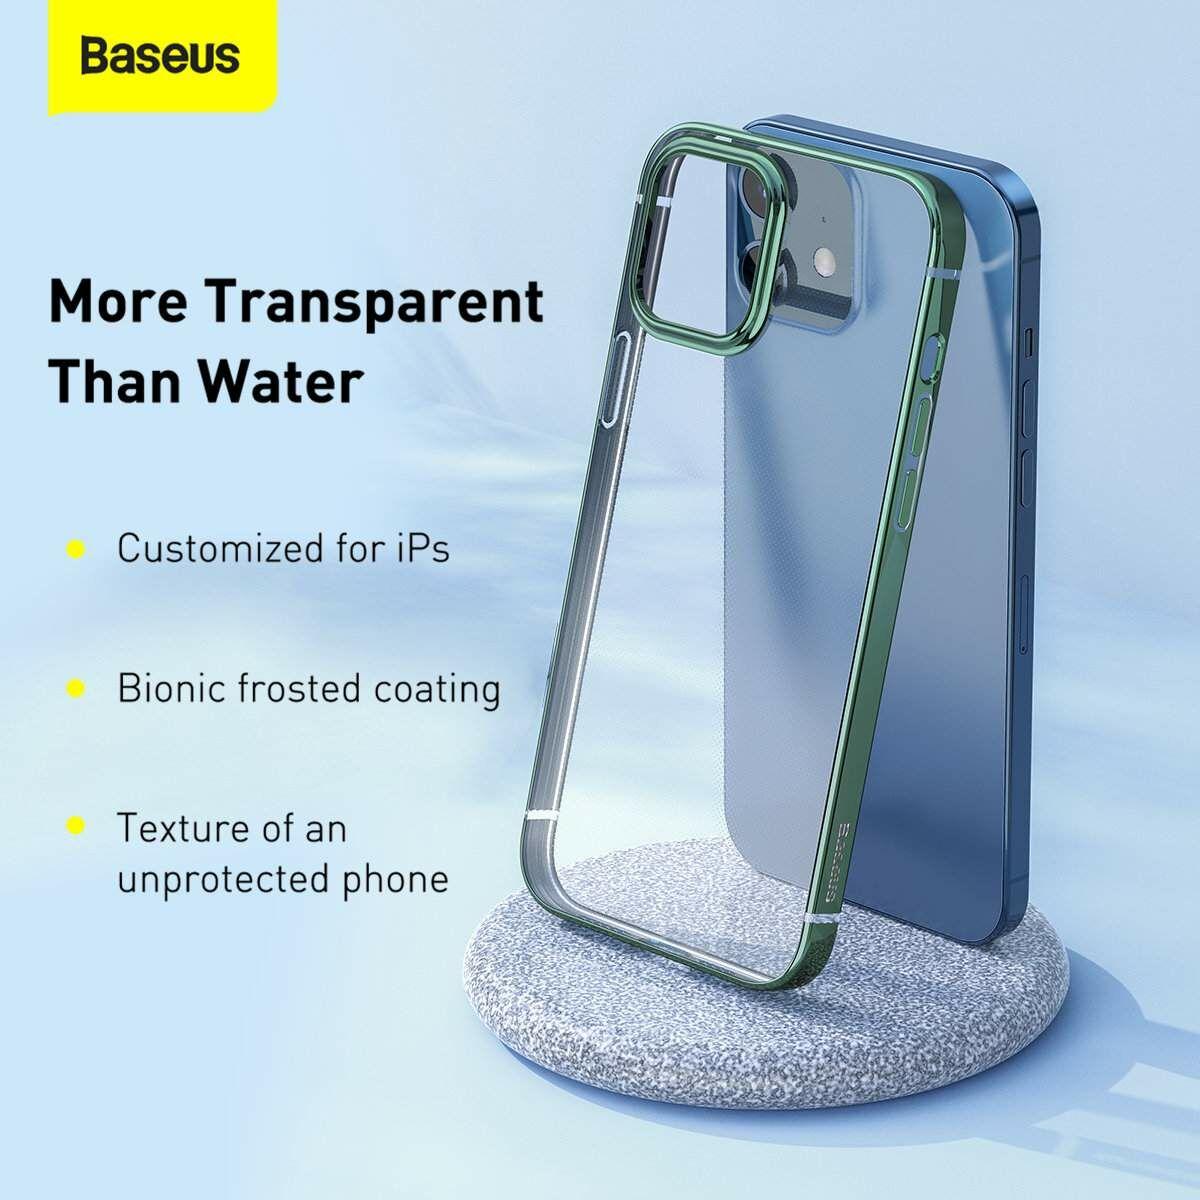 Baseus iPhone 12 mini tok, Shining (esés védelemmel), zöld (ARAPIPH54N-MD06)